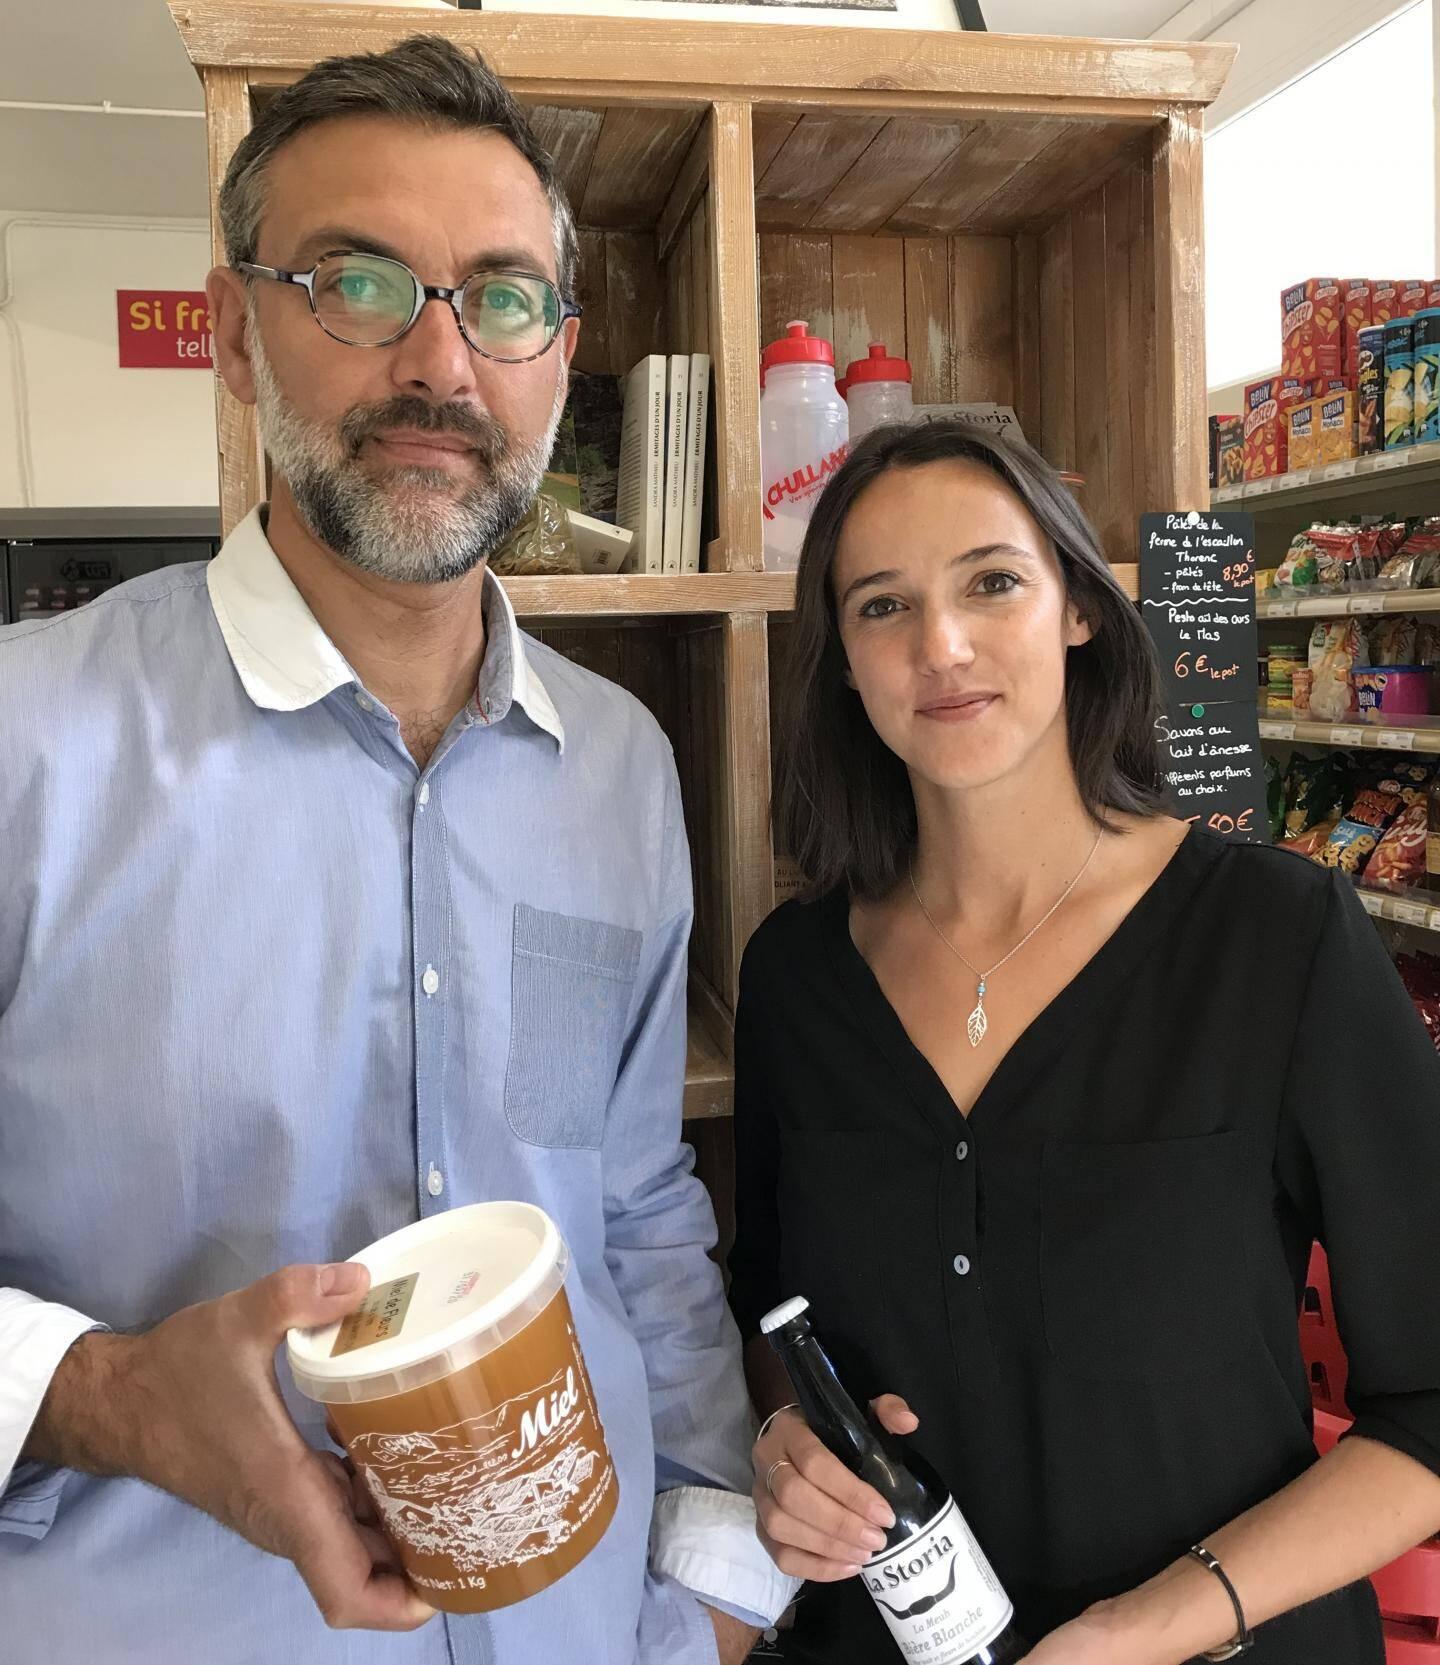 David et Cathy: épicerie et cyclo.